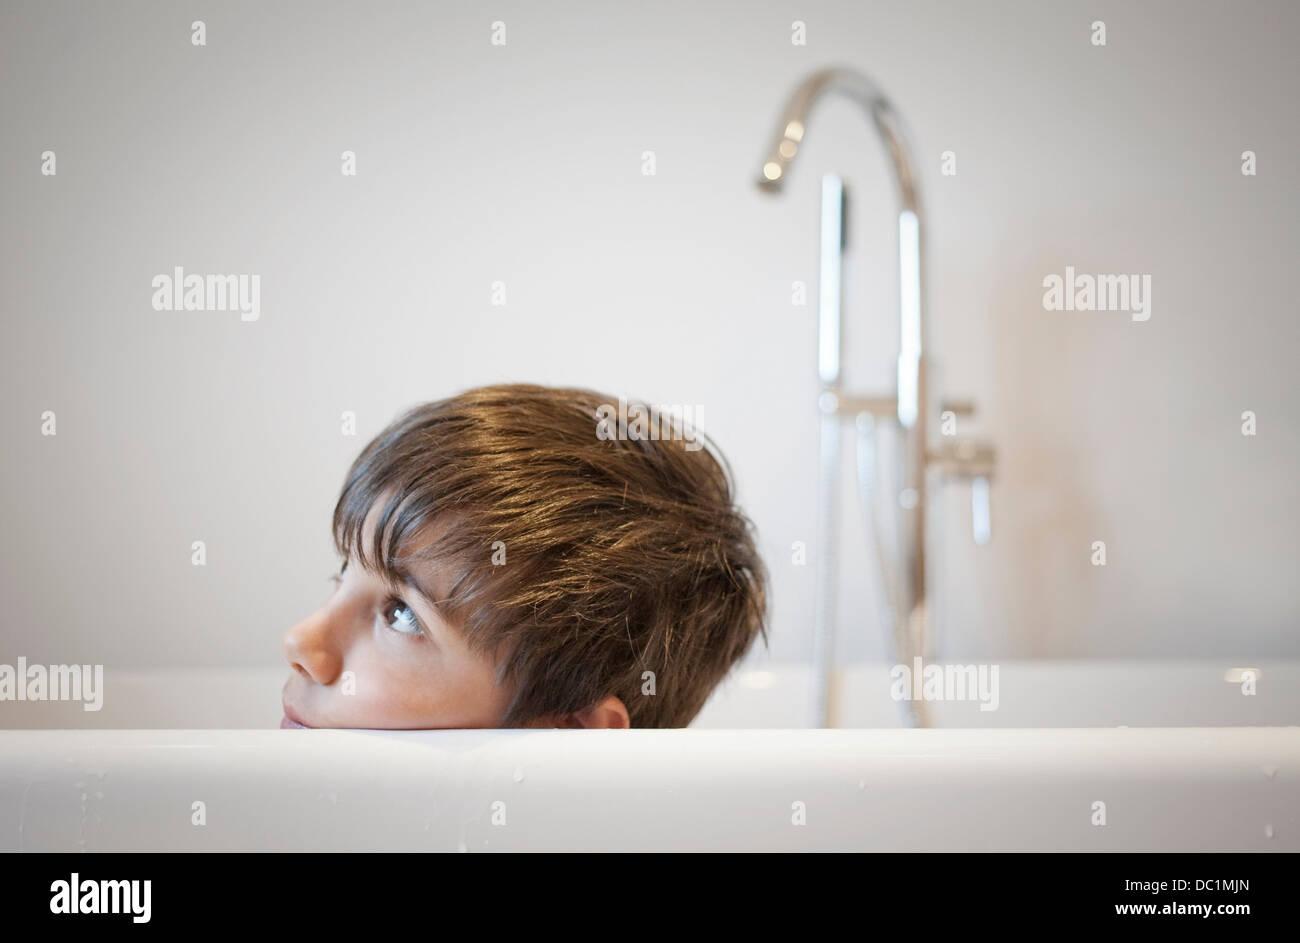 Disparo a la cabeza de la joven en la bañera Imagen De Stock